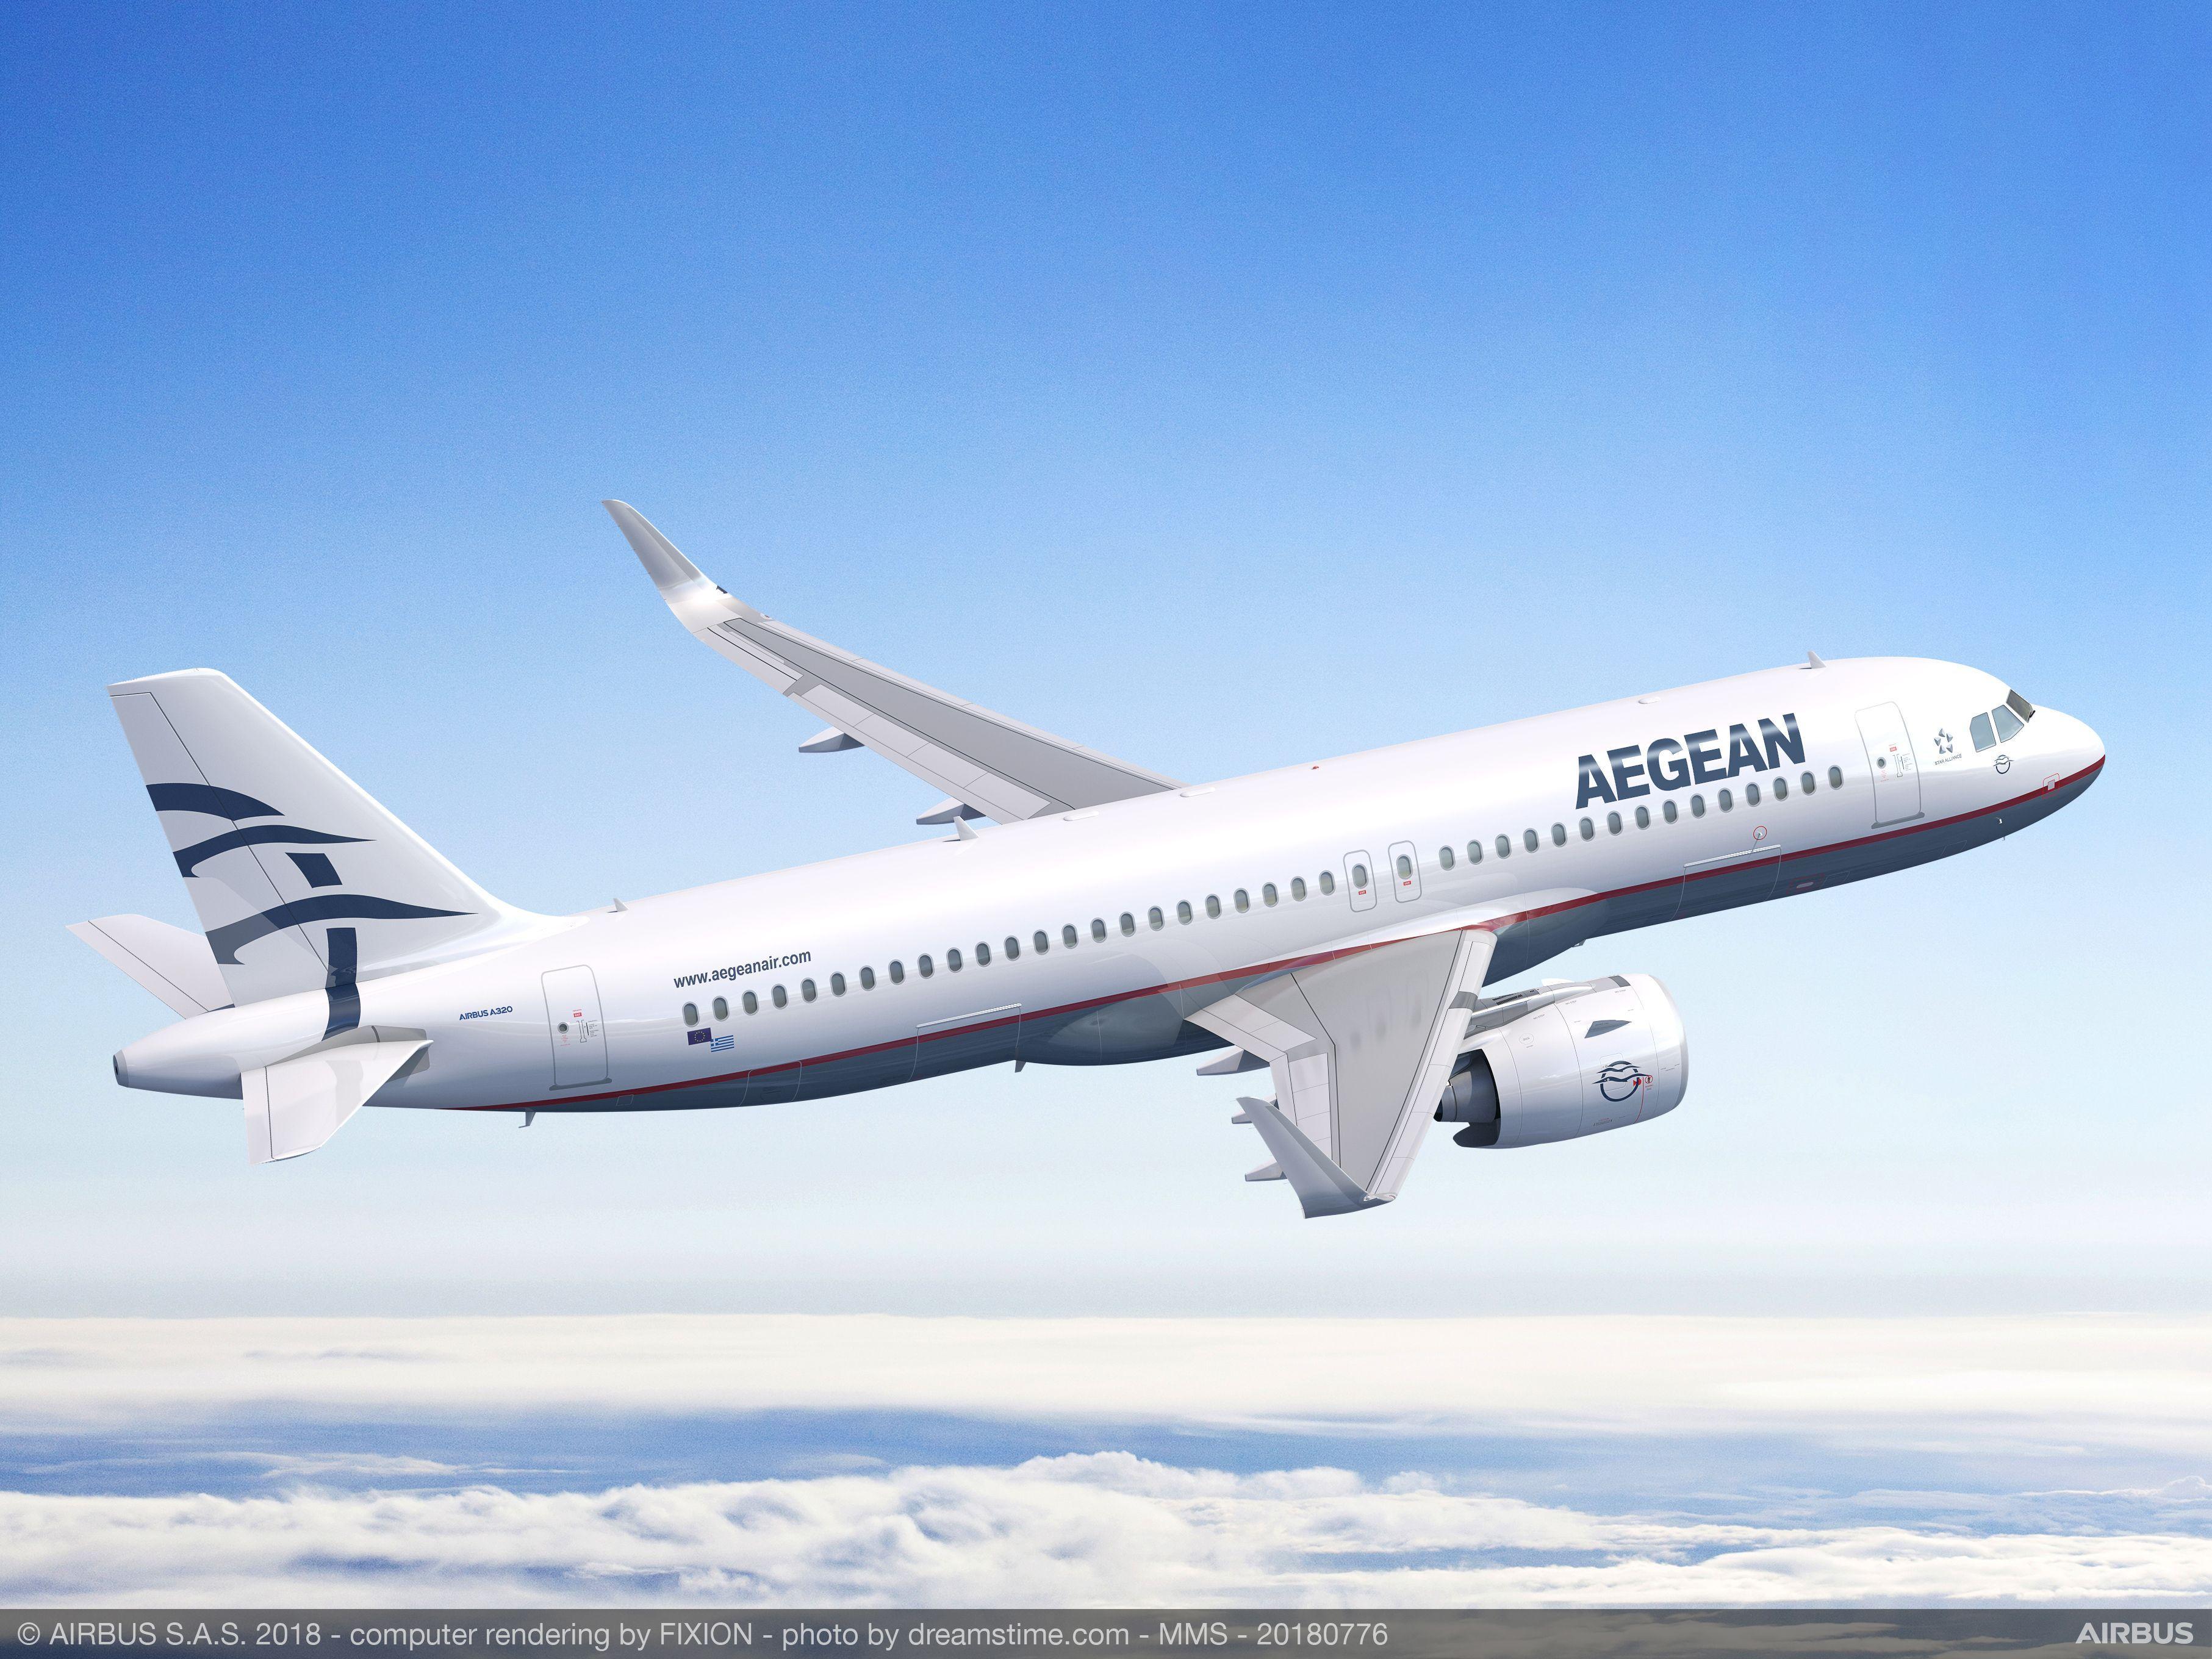 A320neo-AEGEAN